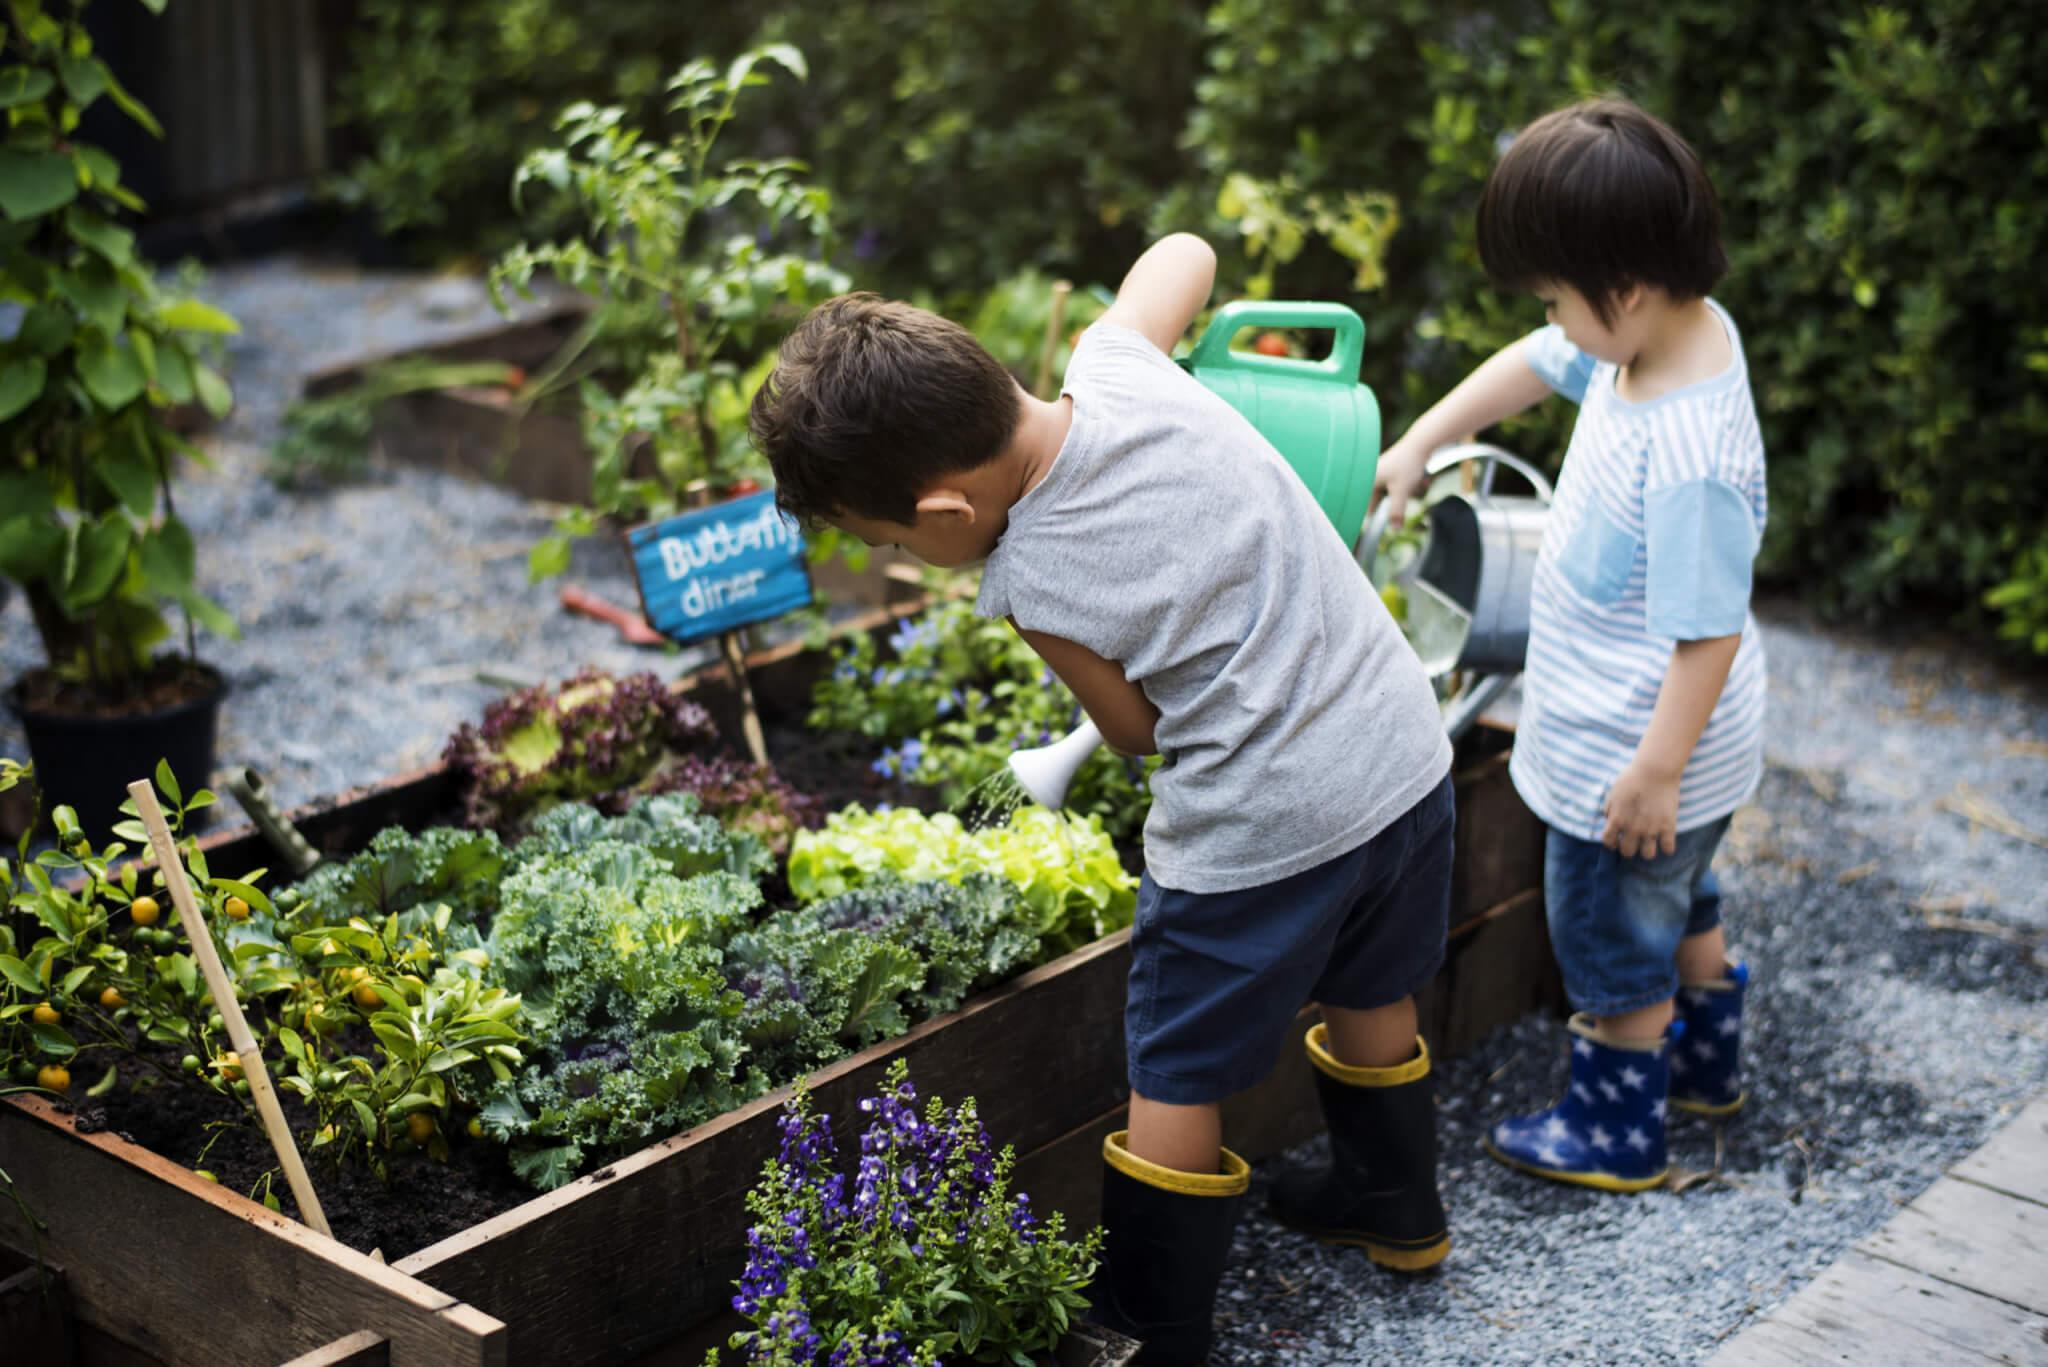 Little boys watering the plants